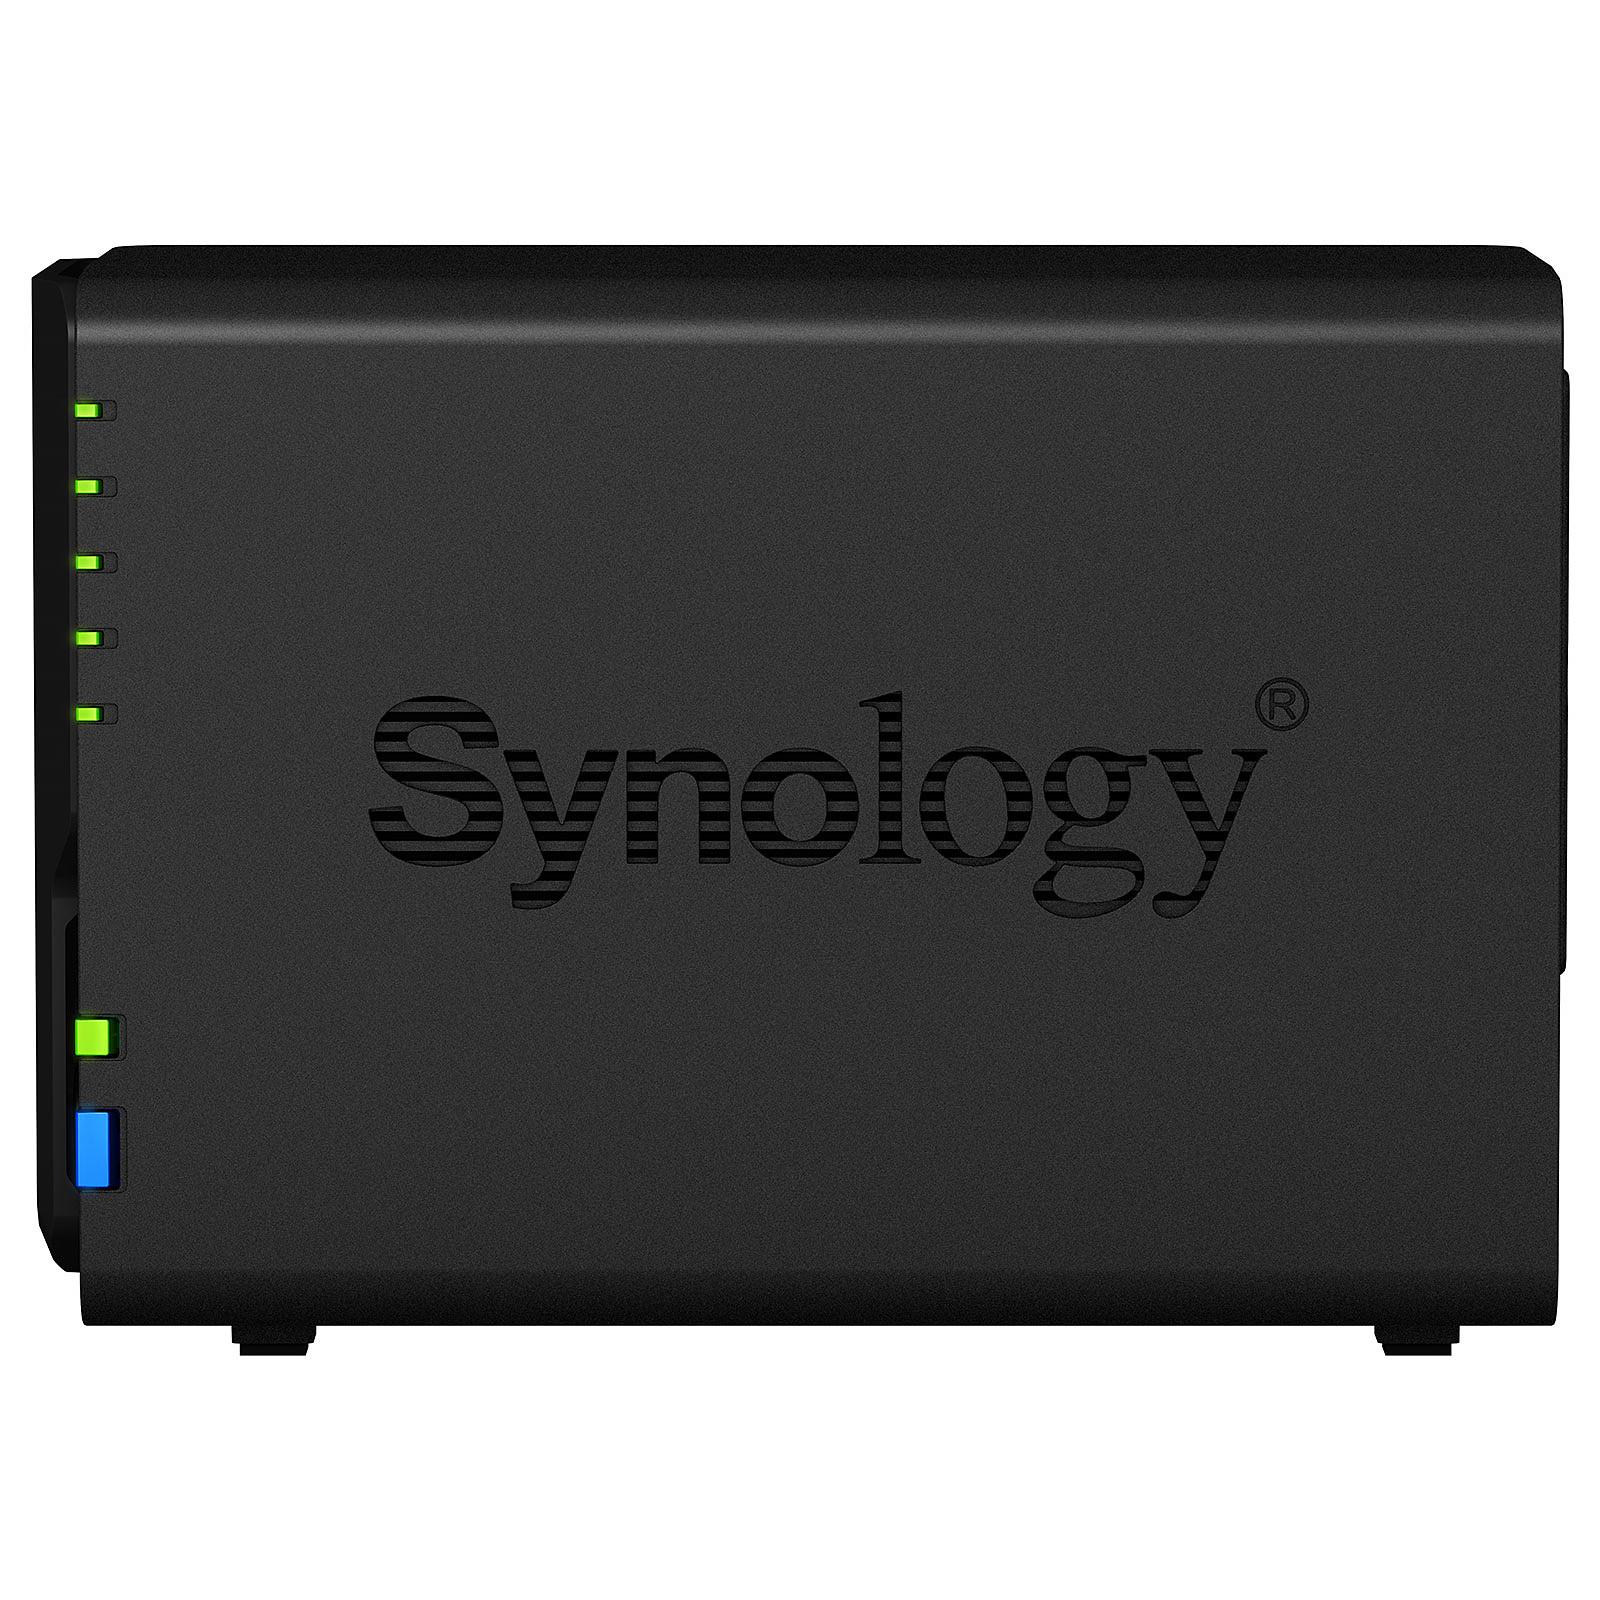 Serveur NAS hautes performances Synology DS220+ pour 2 disques durs SATA, Informatique ile de la Réunion 974